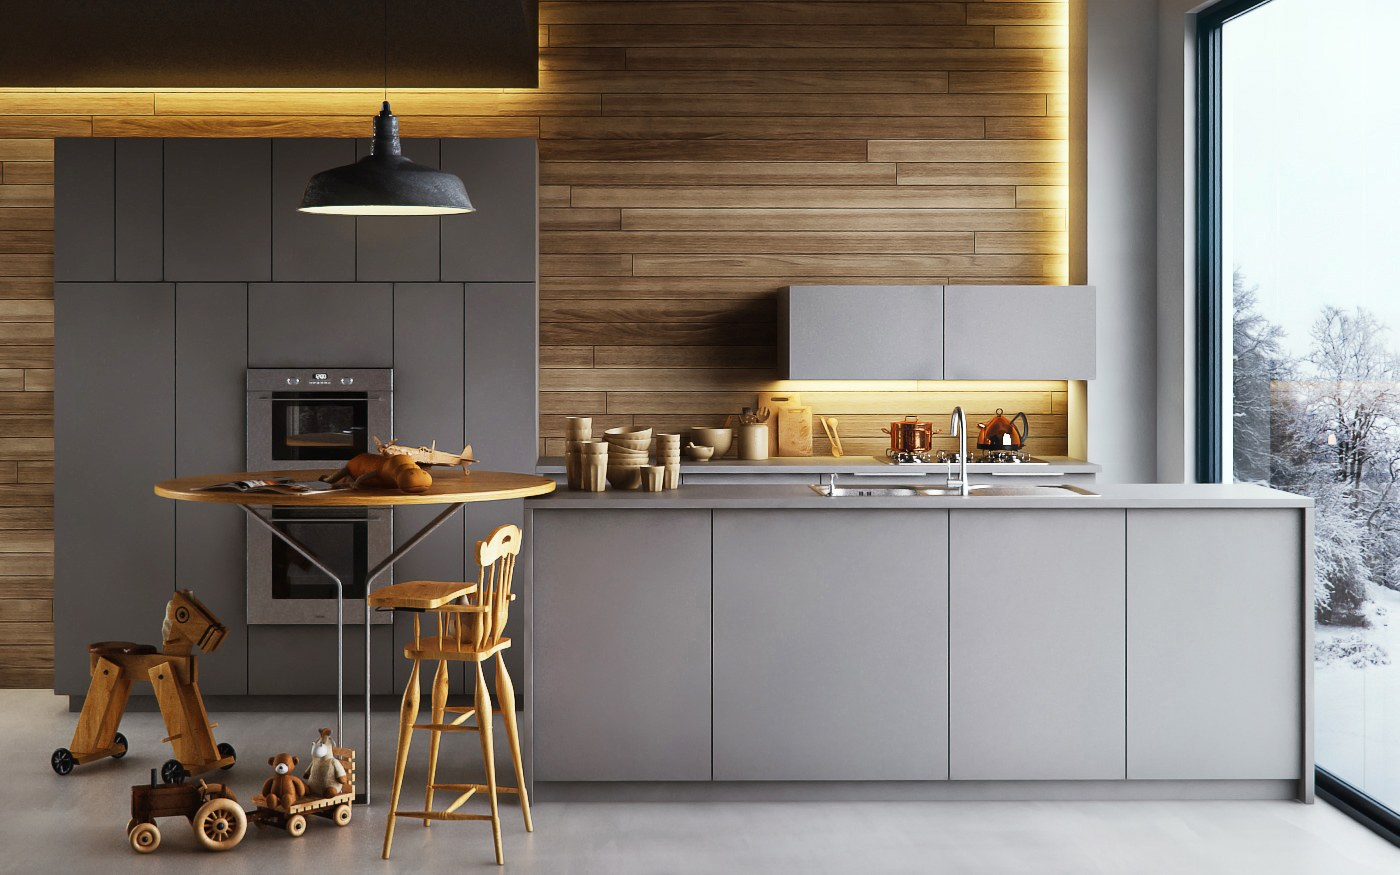 3d Tile Effect Wallpaper 3d Archviz Modern Small Kitchen By Ivan Parra